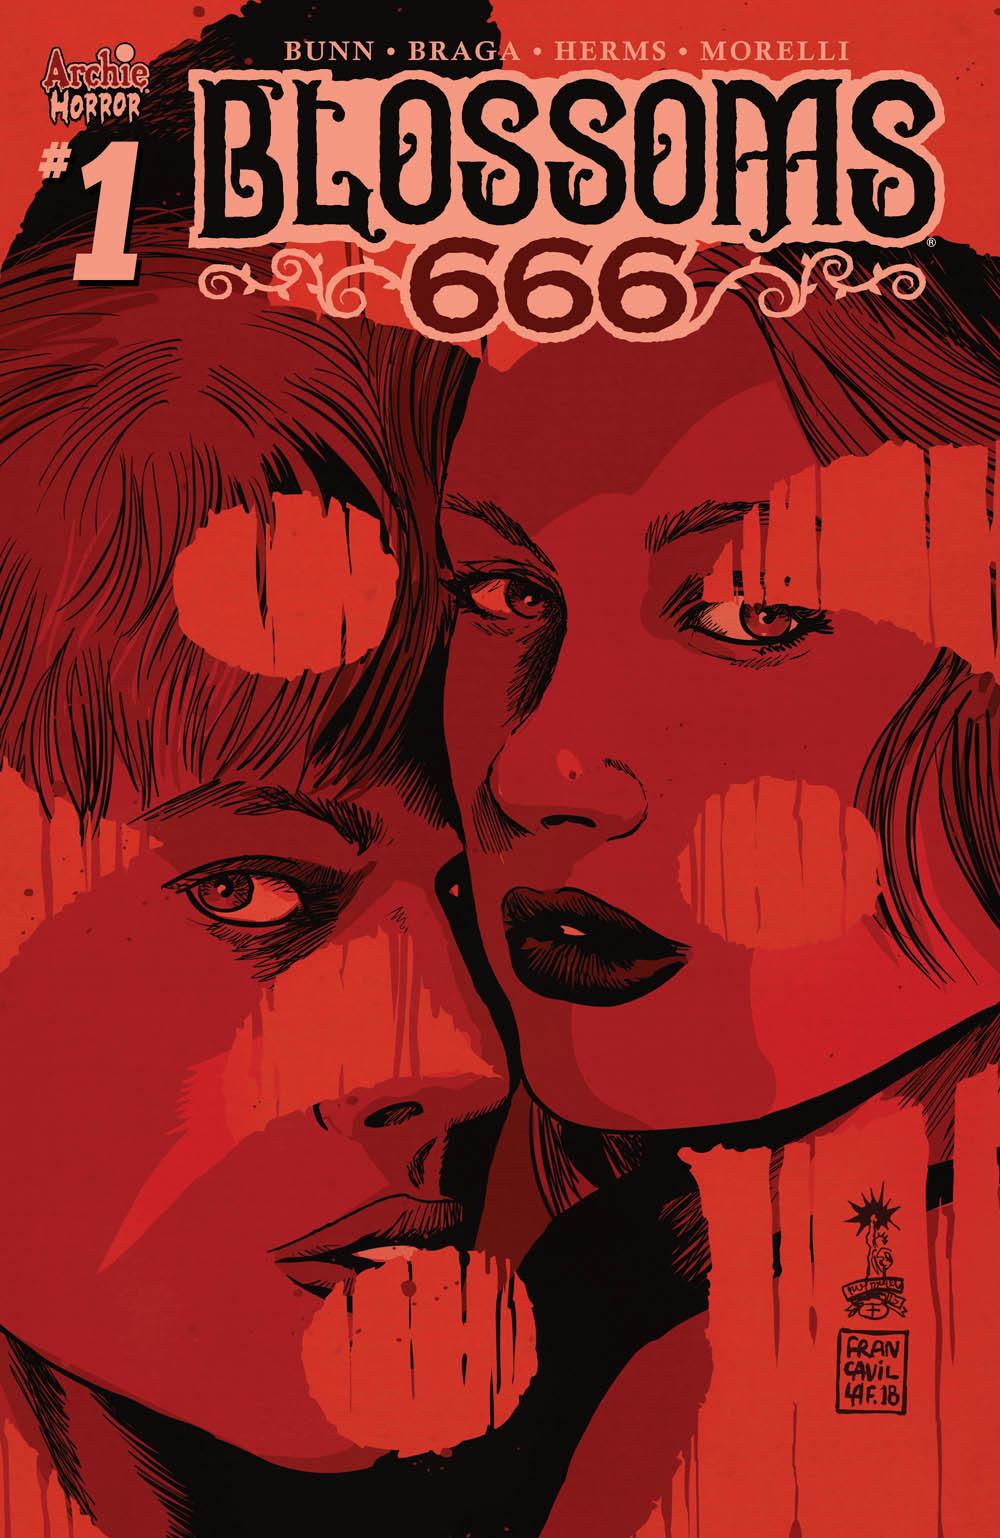 BLOSSOMS 666 #1: CVR C Francavilla